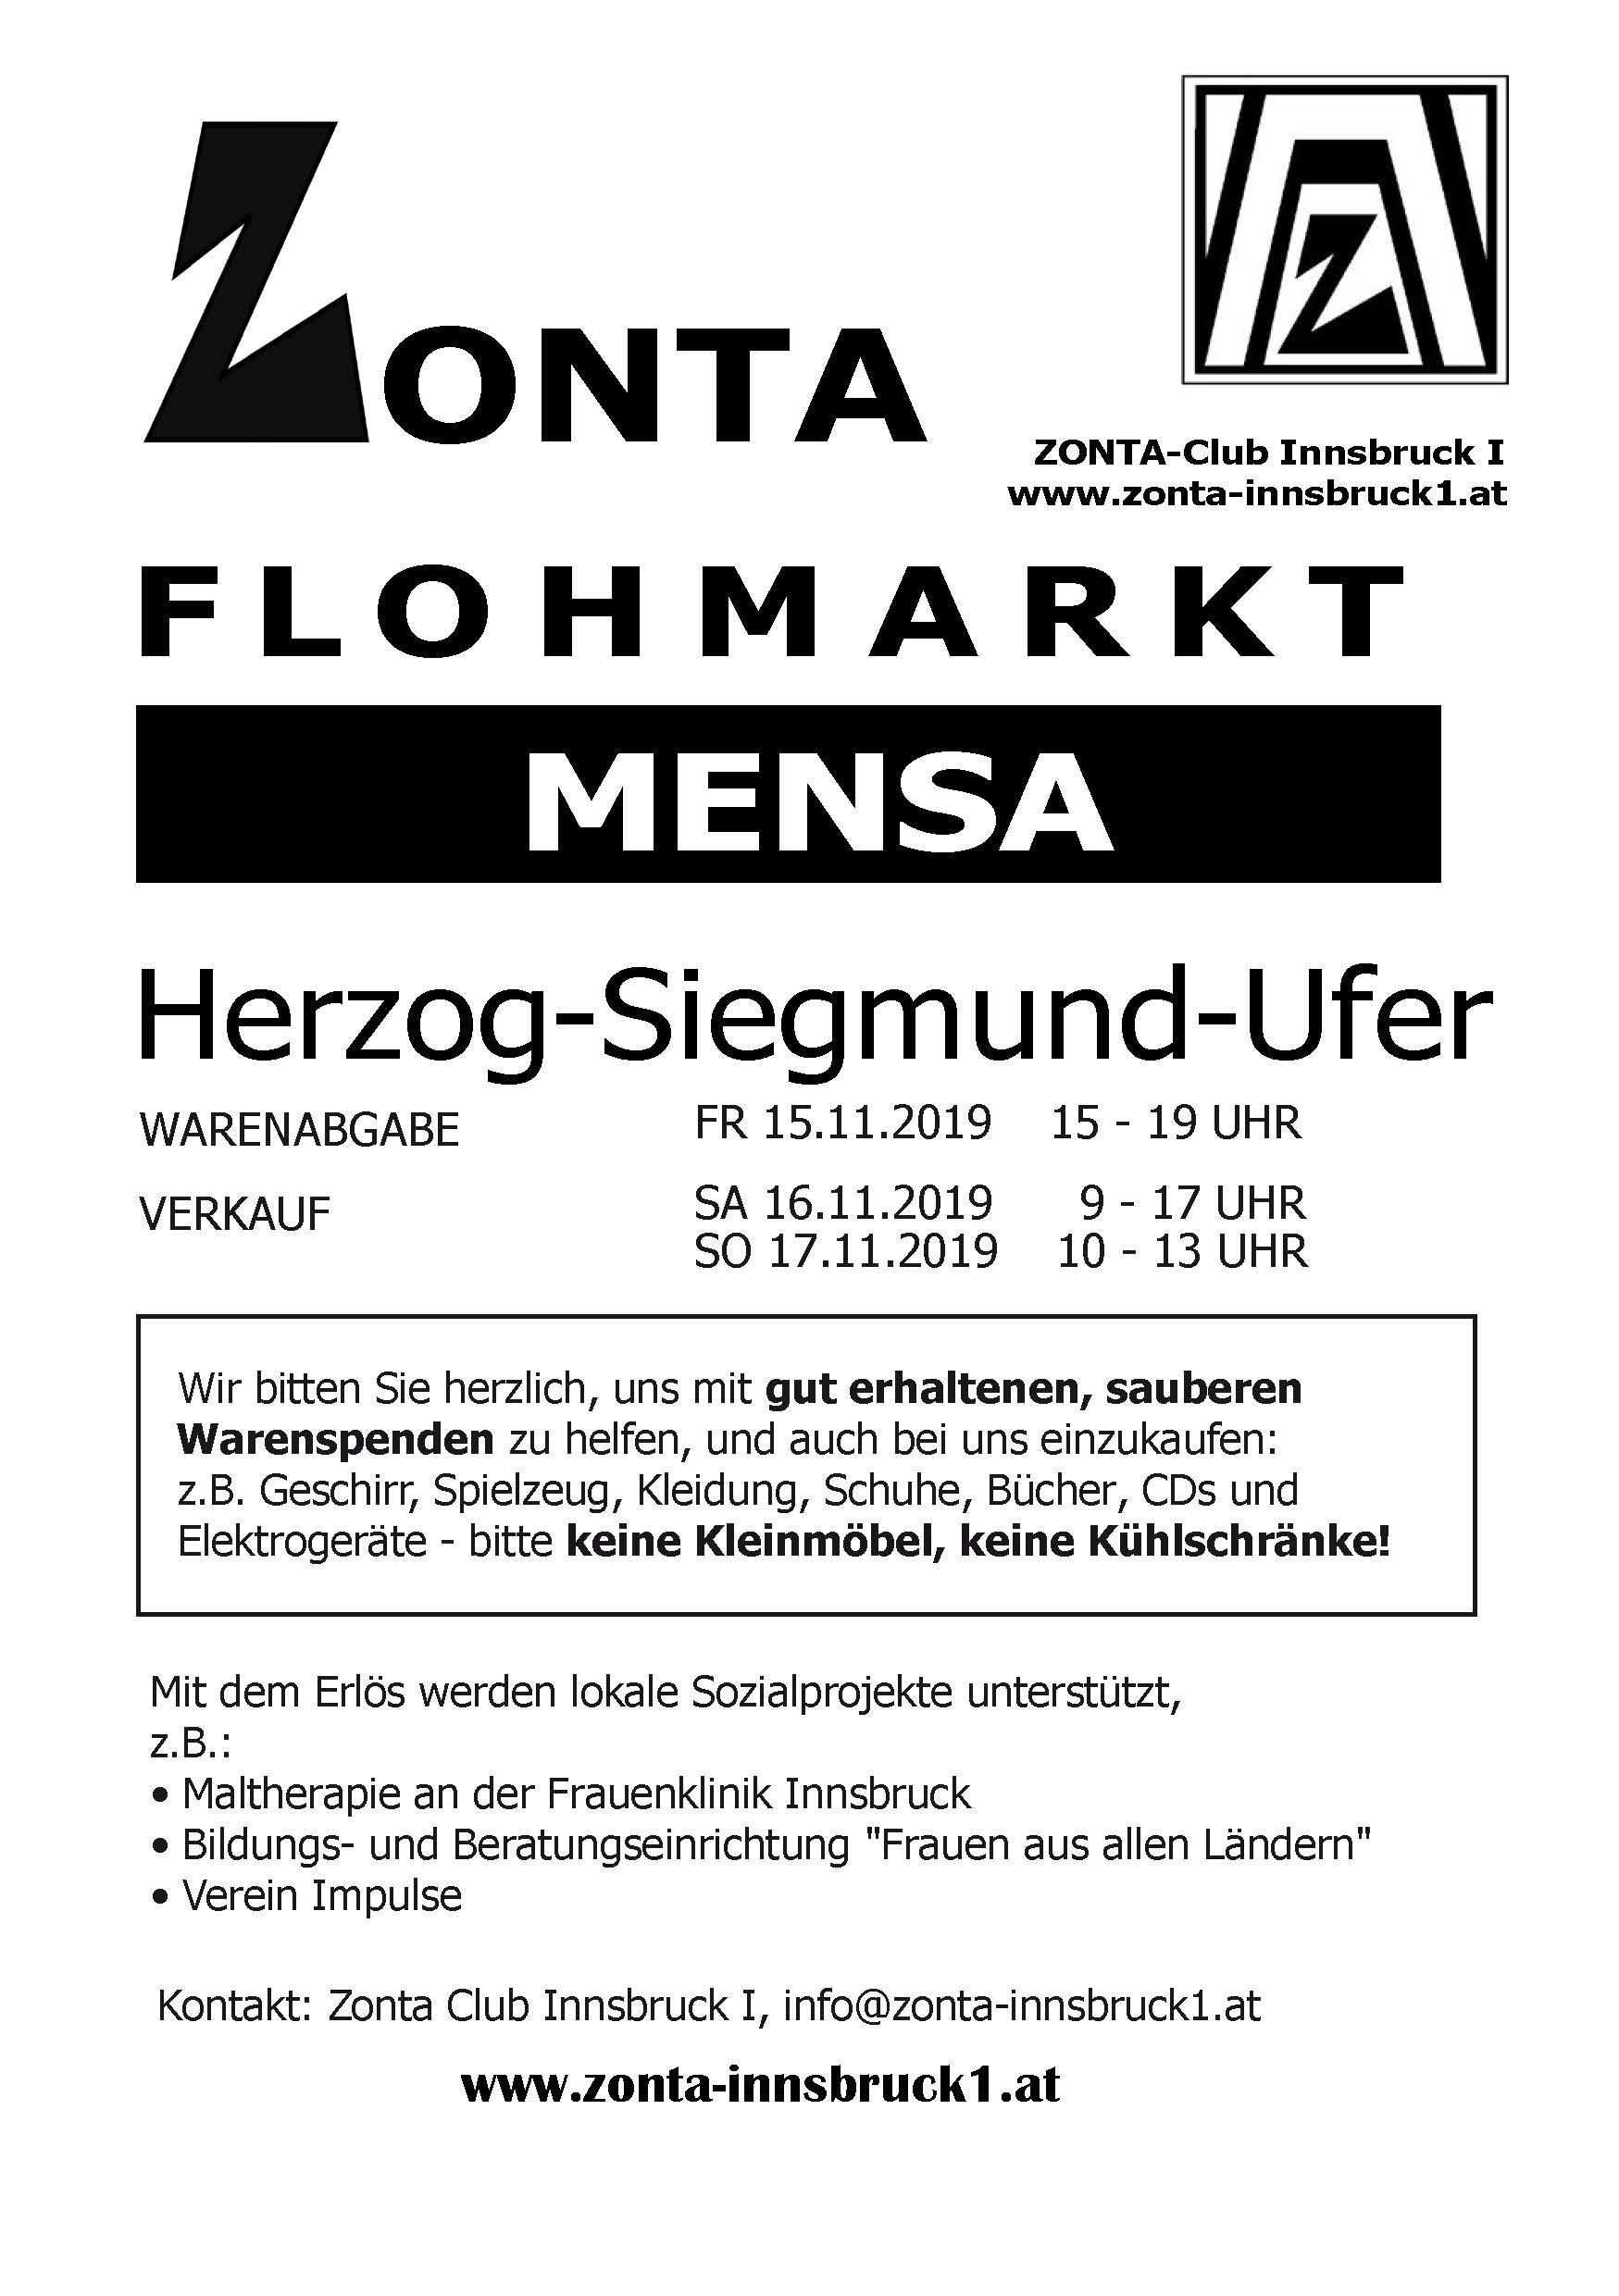 Zonta Flohmarkt 2019